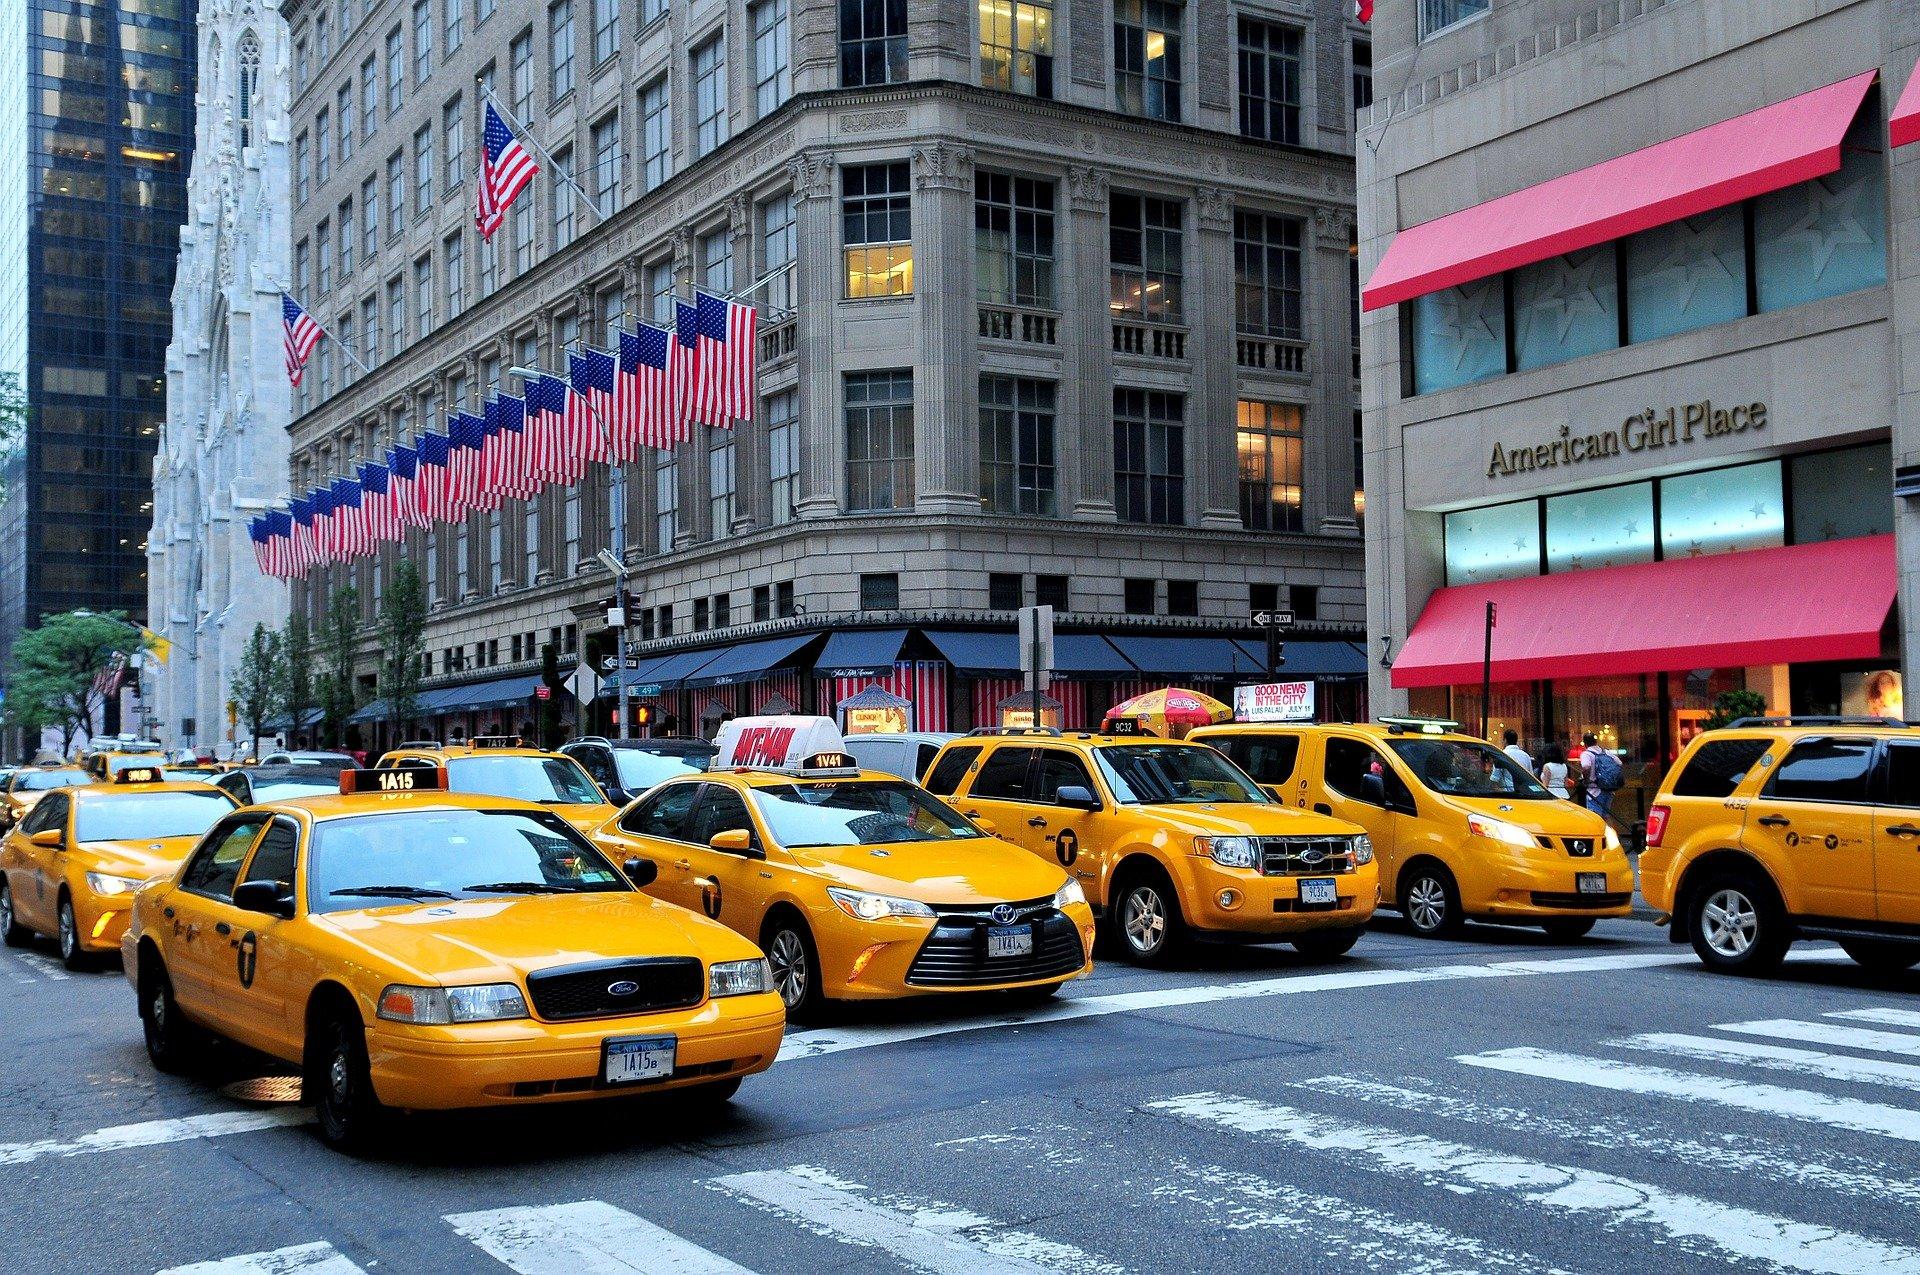 Pohled do ulic New Yorku, žluté vozy Ford Crown Victoria taxi jsou téměř na každém rohu